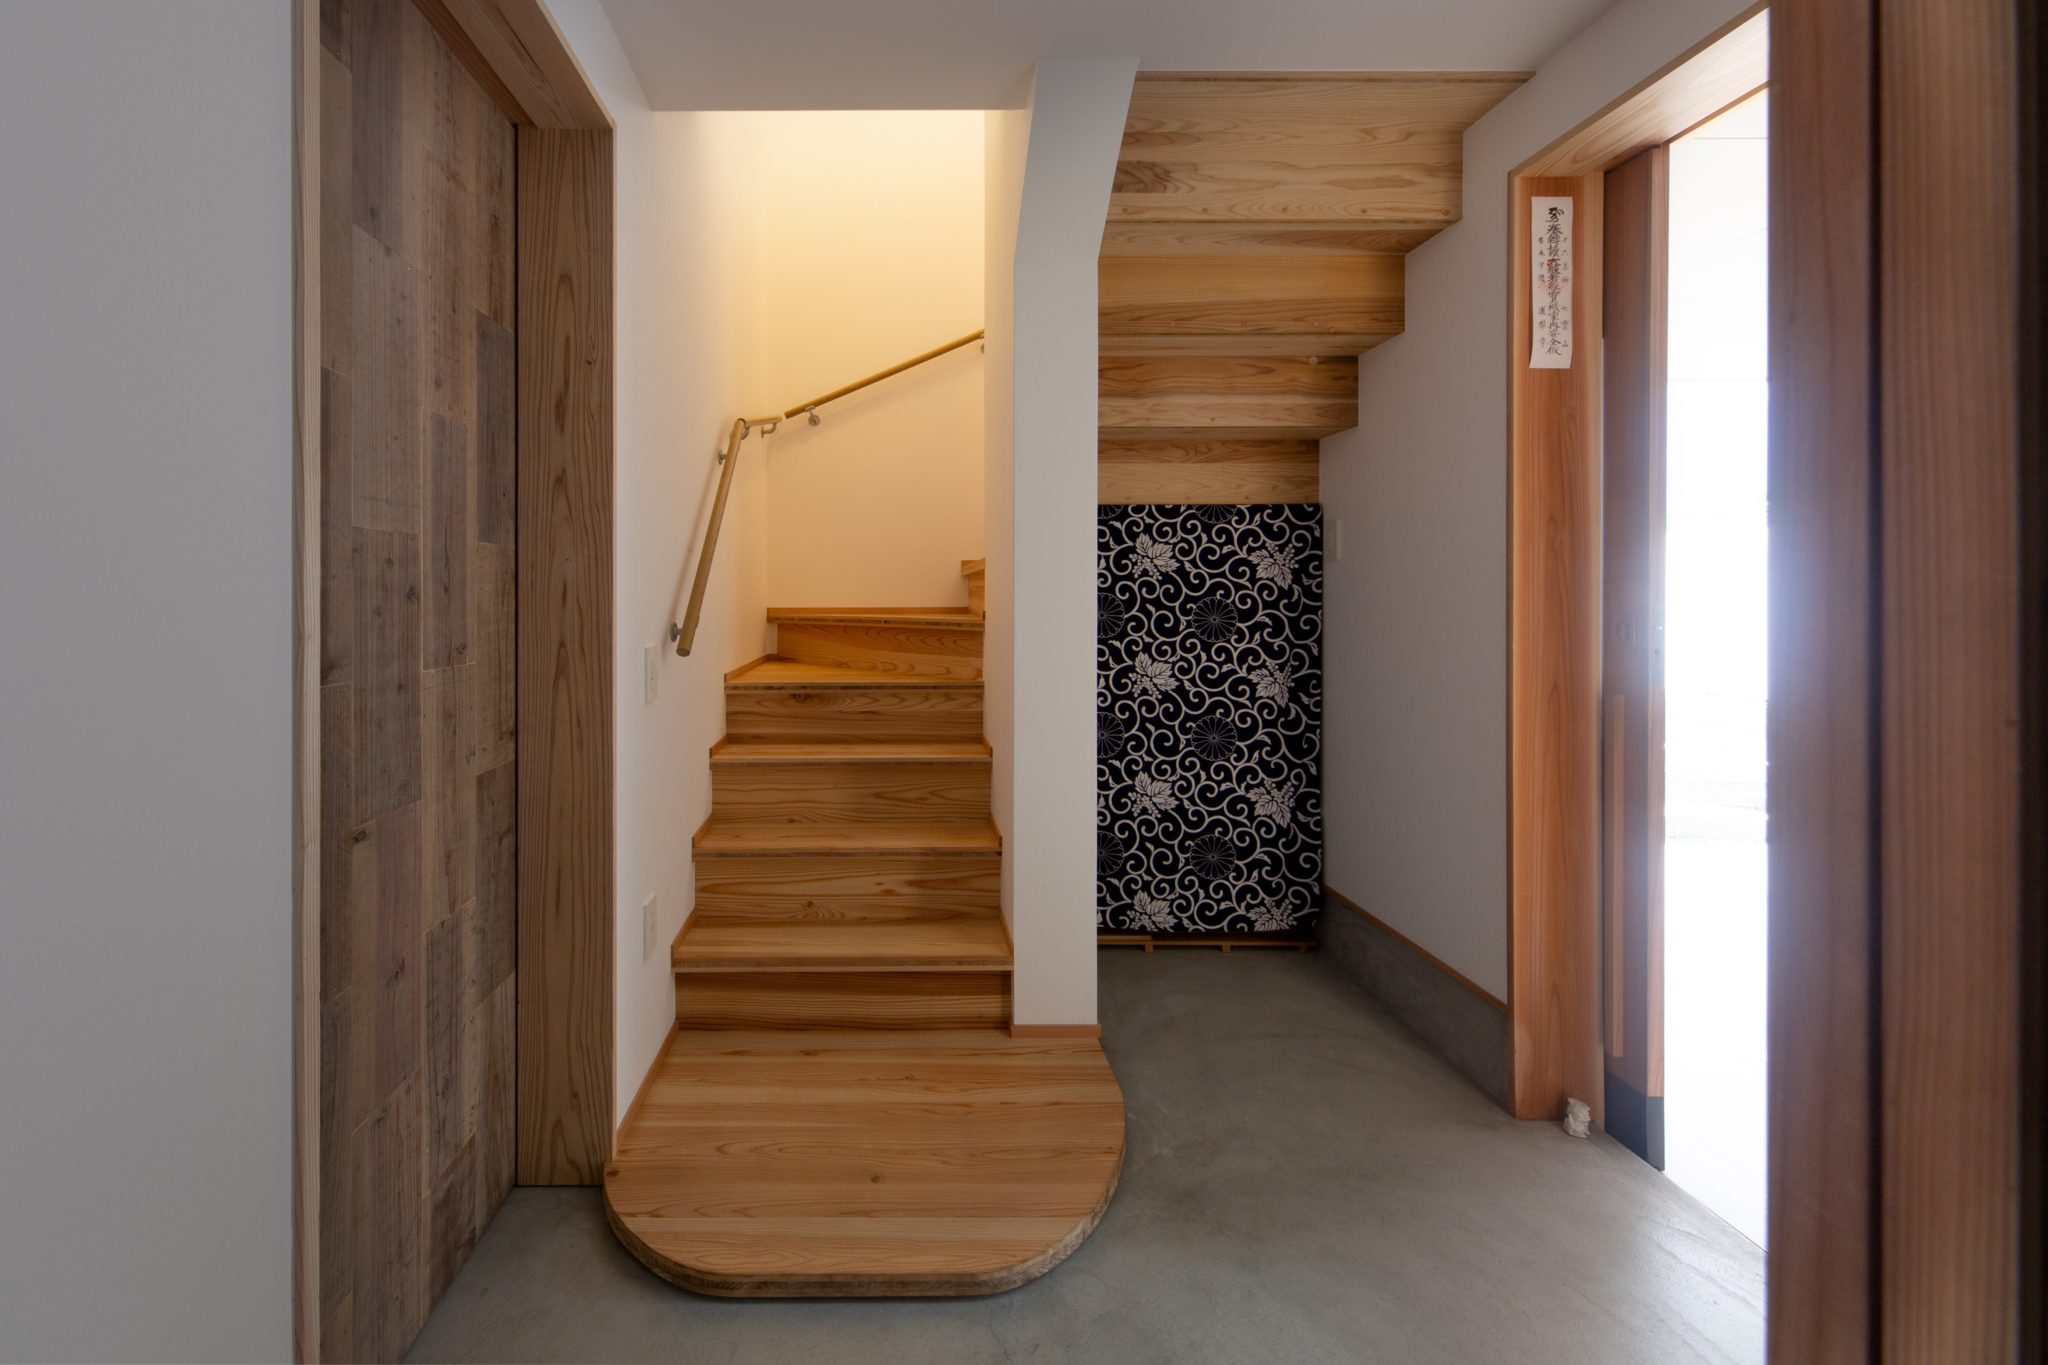 住宅部玄関の山城パネル階段。左の建具は元の畳の前の座板を加工しています。